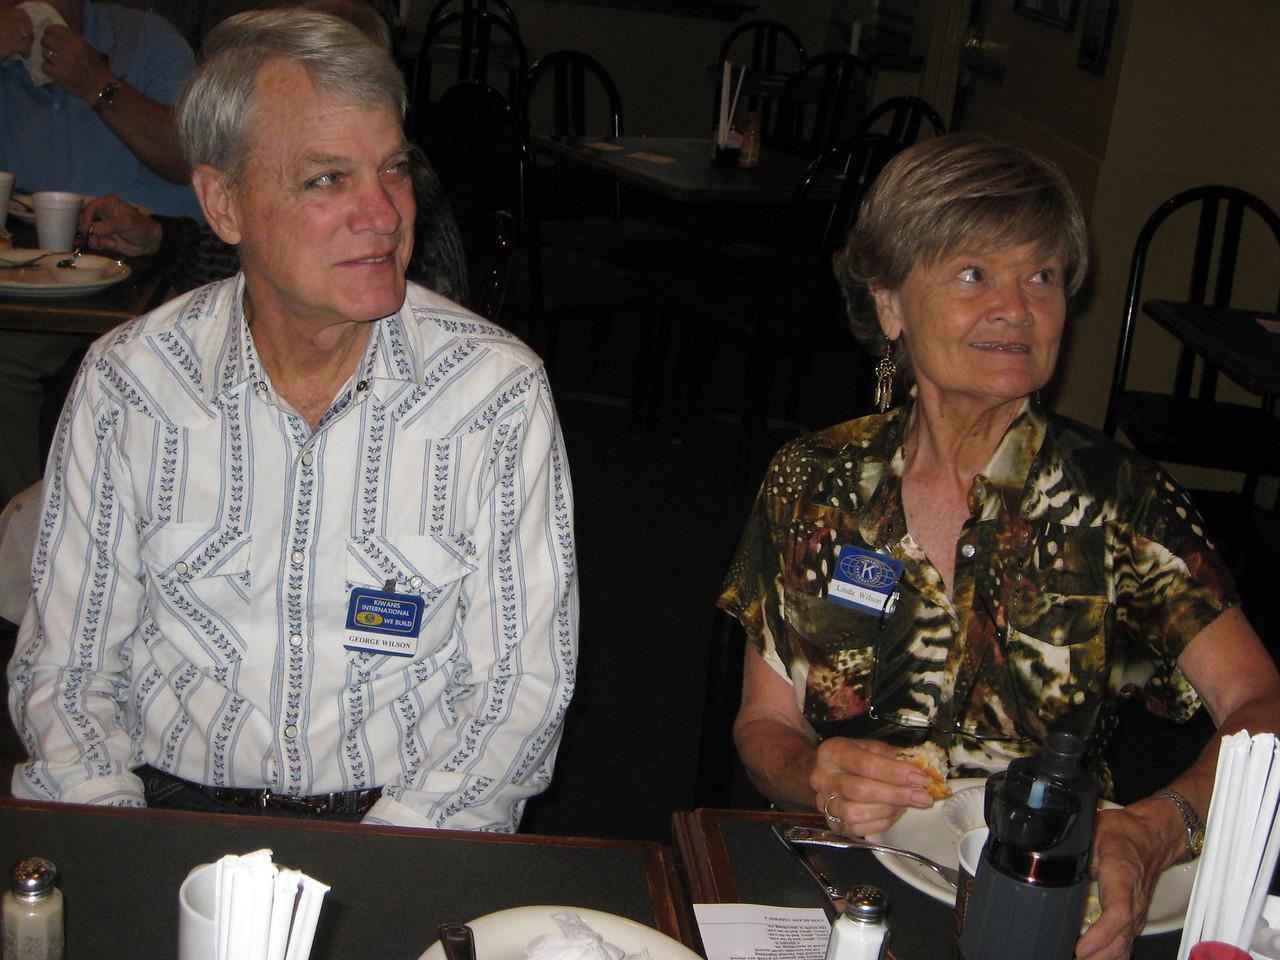 George & Linda Wilson